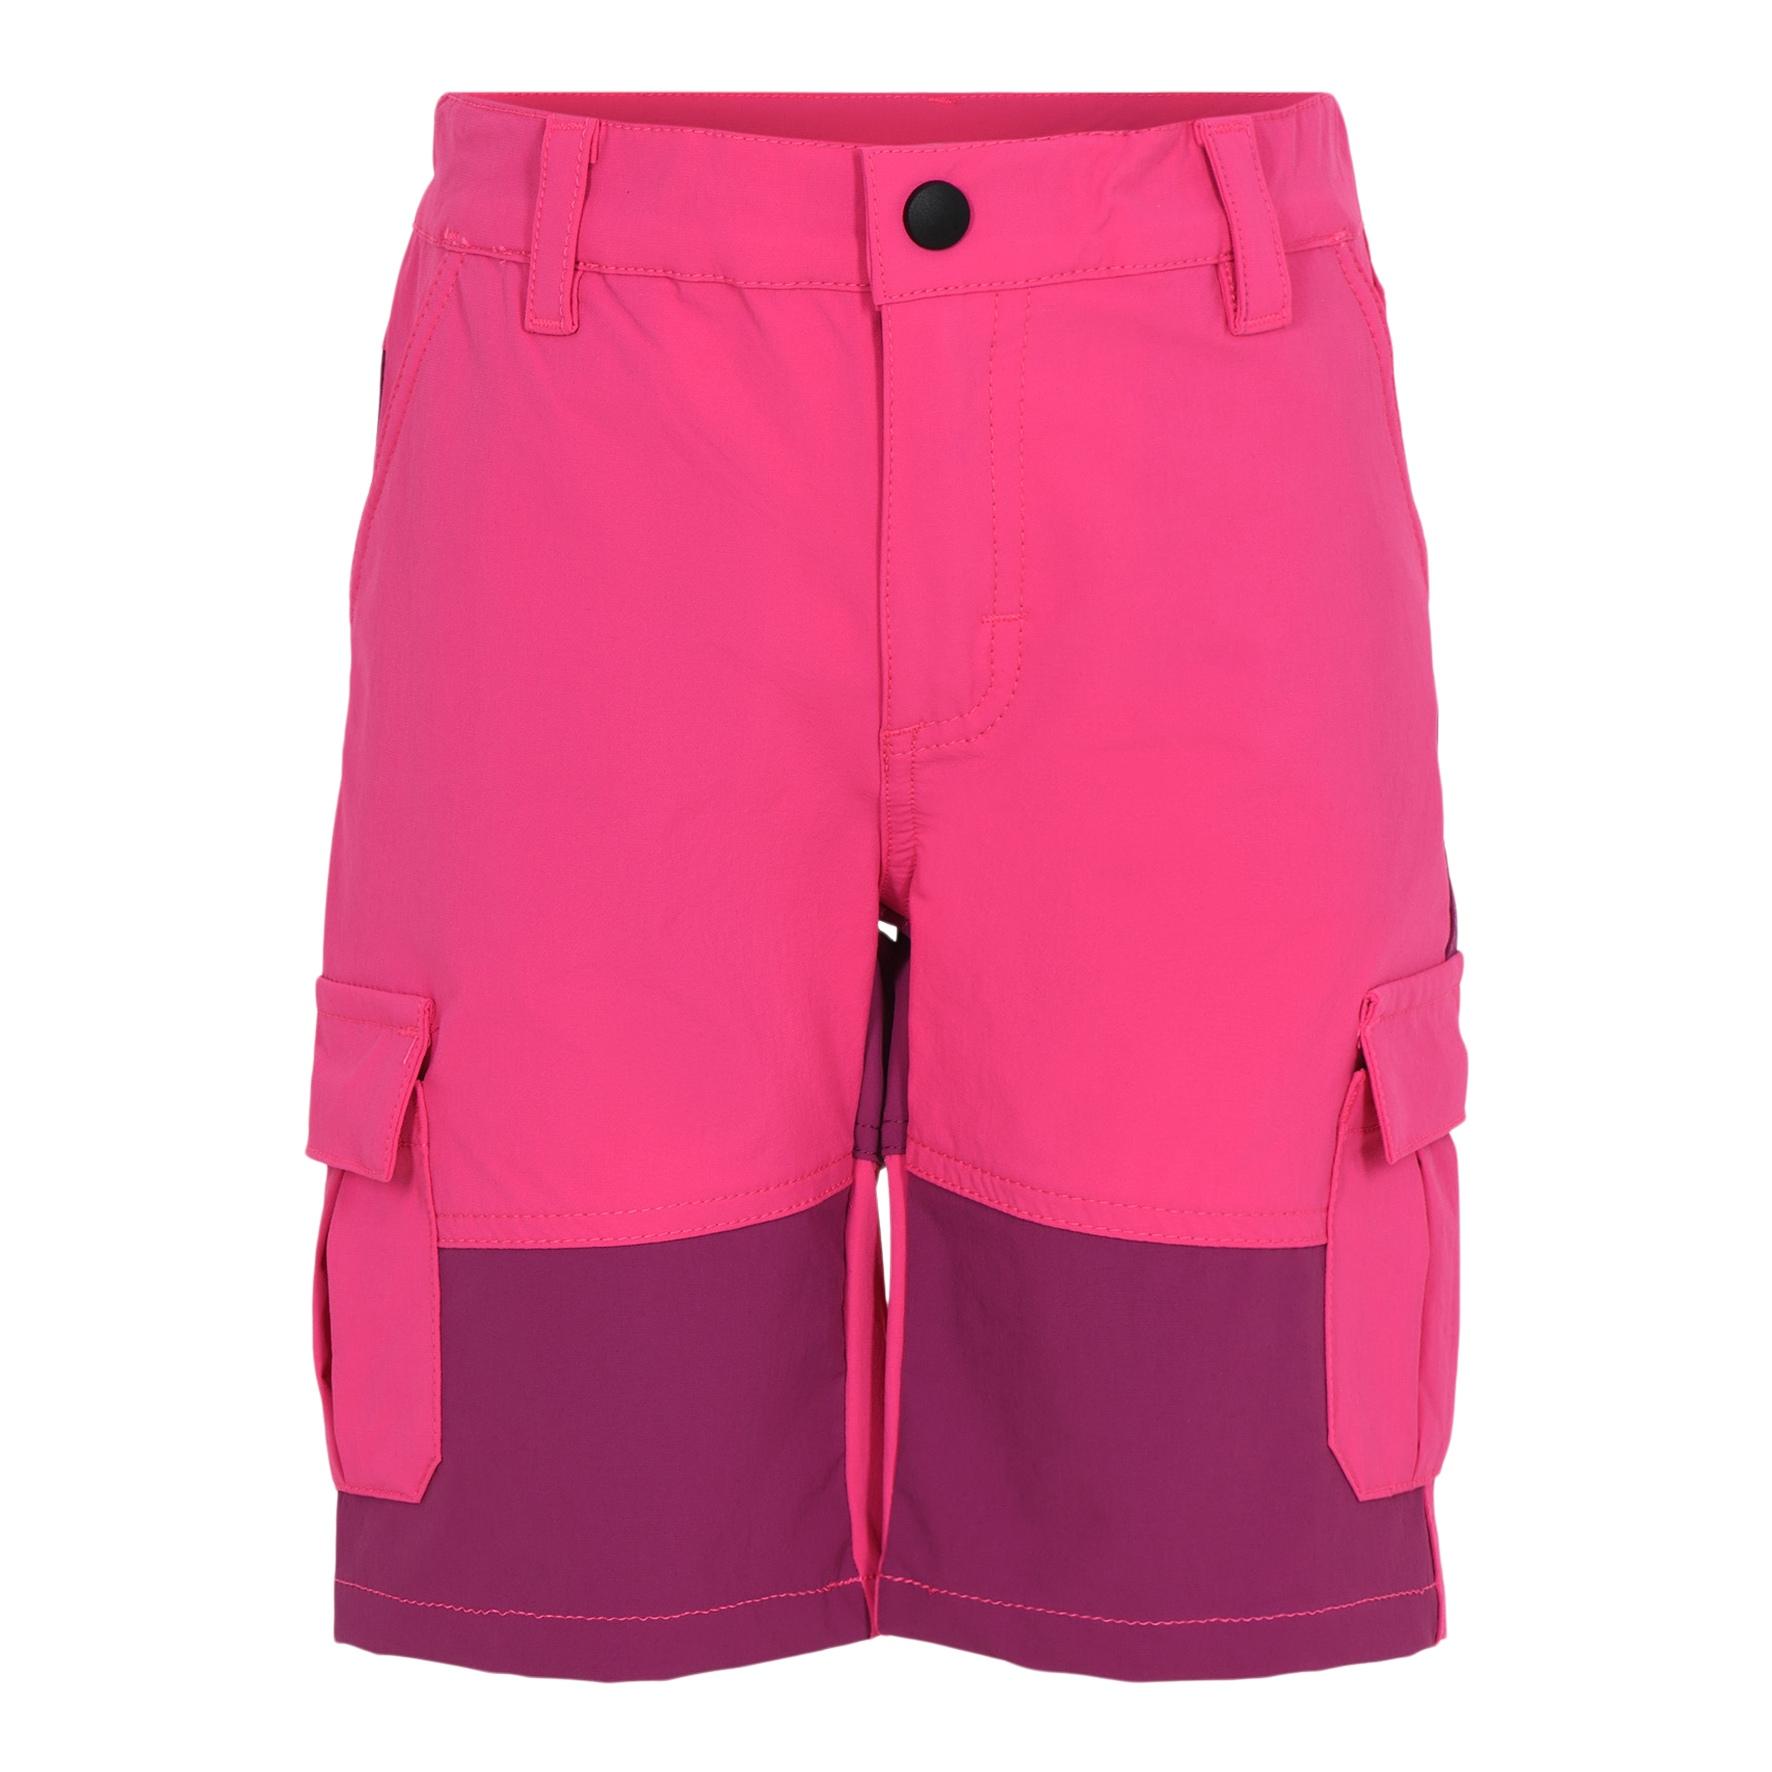 LEGO Wear Payton 300 Kinder Hose - Pink